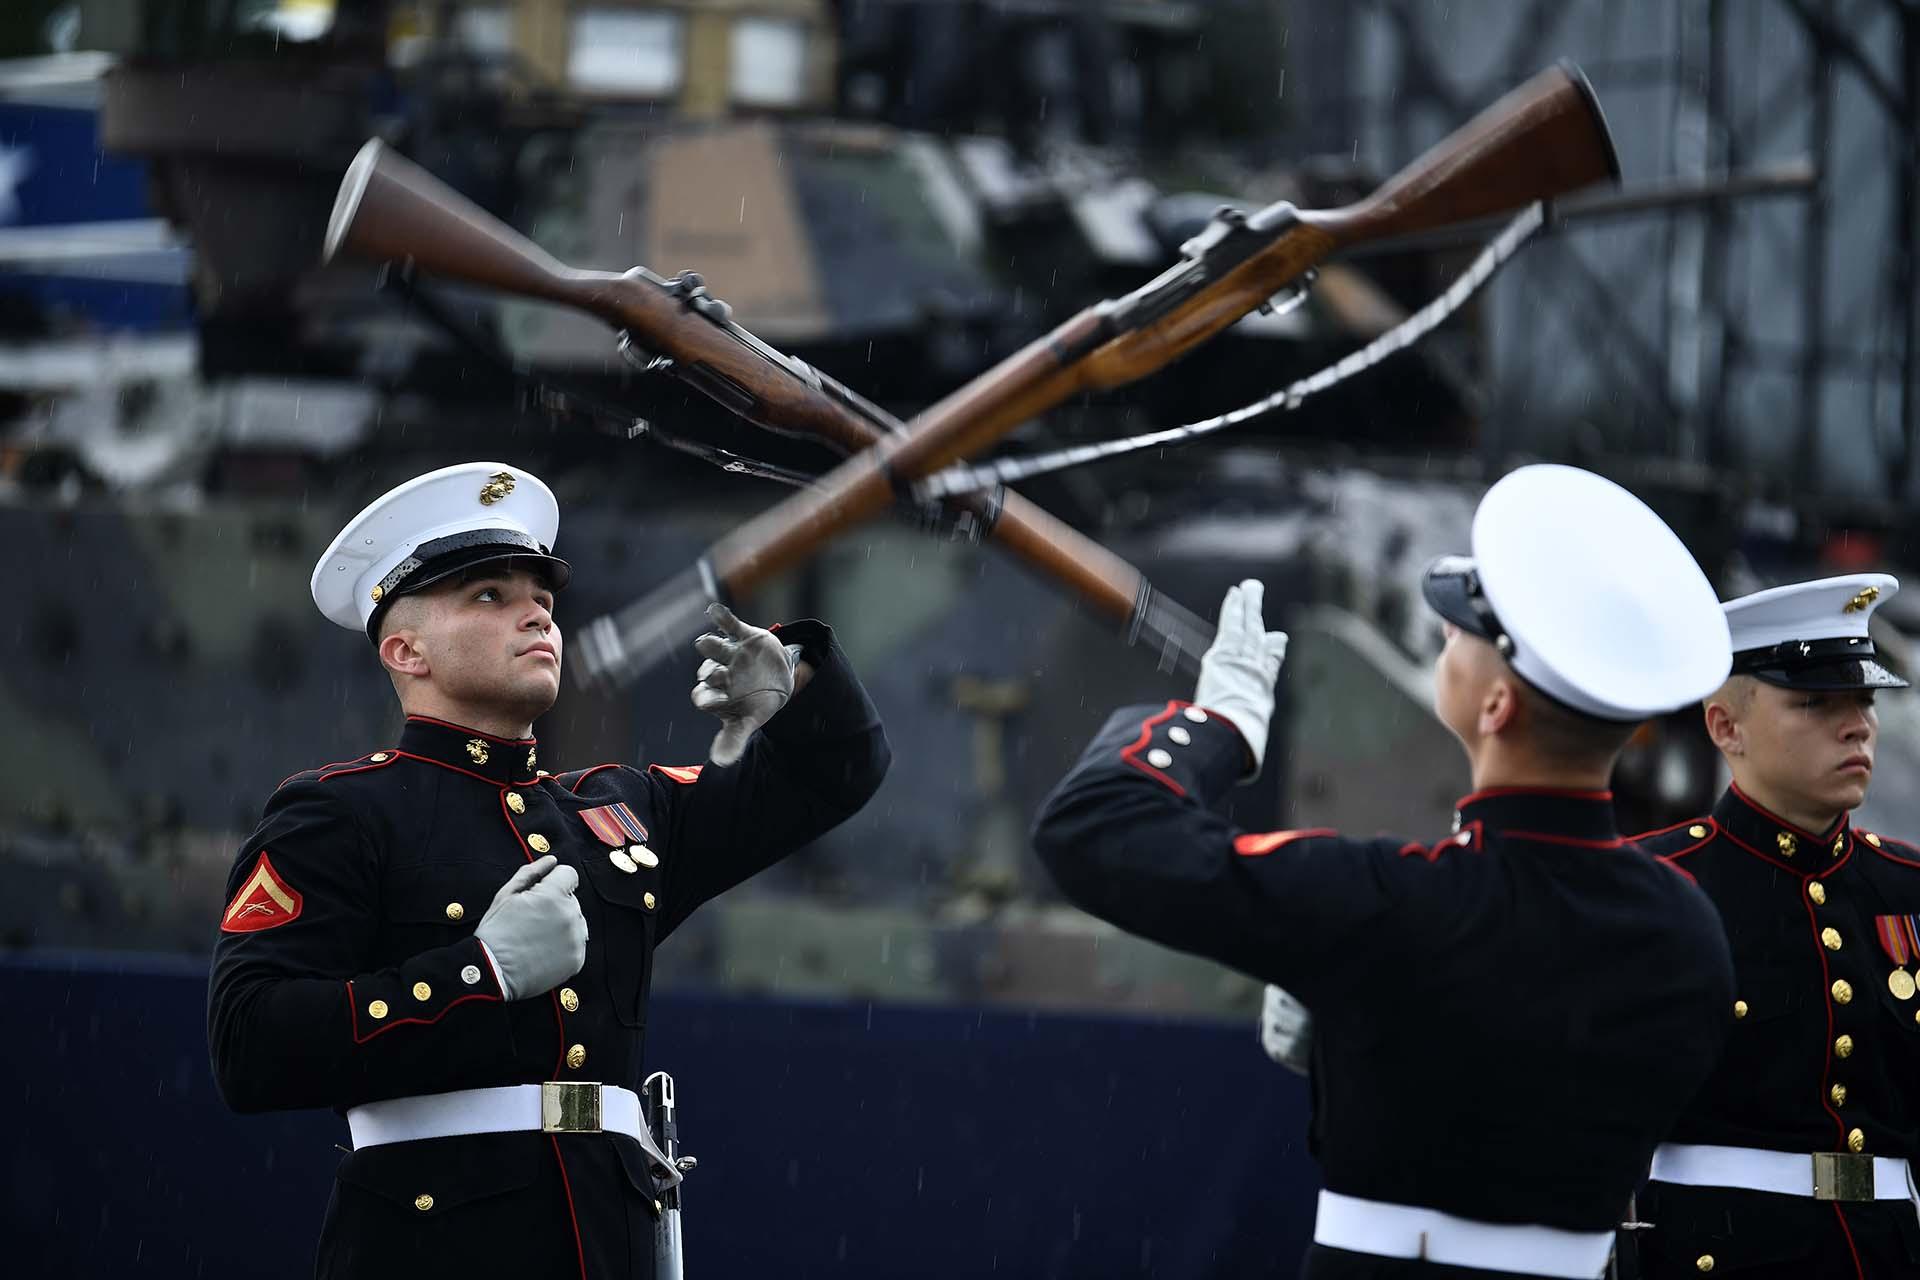 Soldados realizaron demostraciones con armas durante la ceremonia